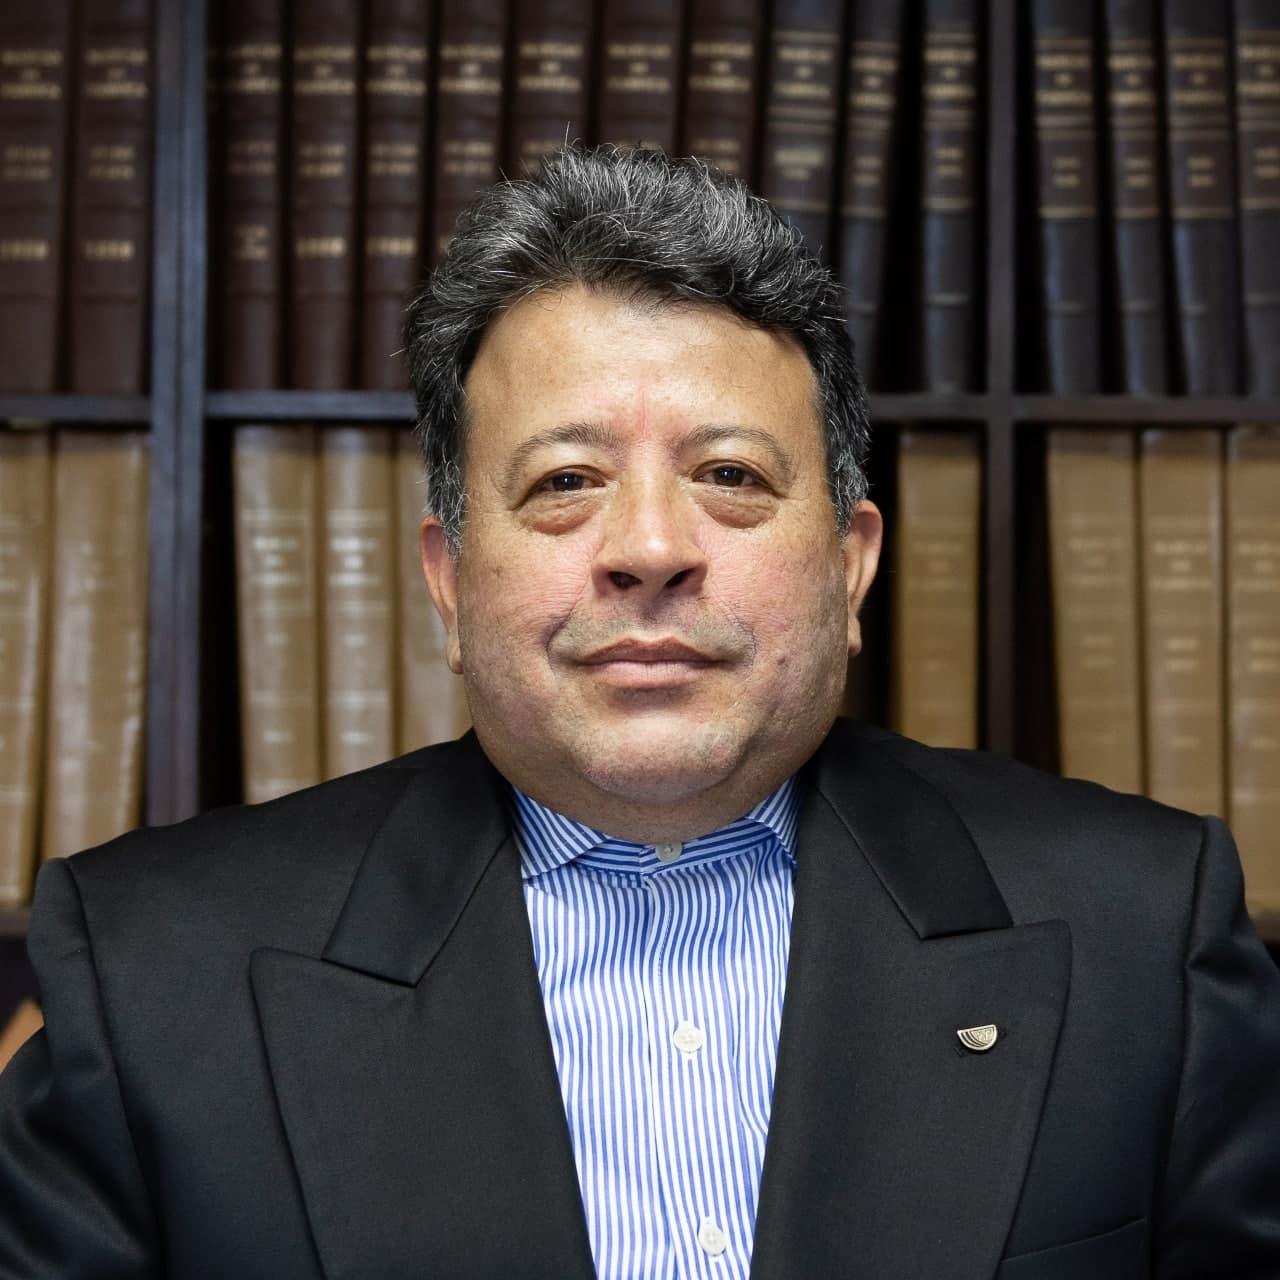 Carlos Duque Engineer at Bolet & Terrero